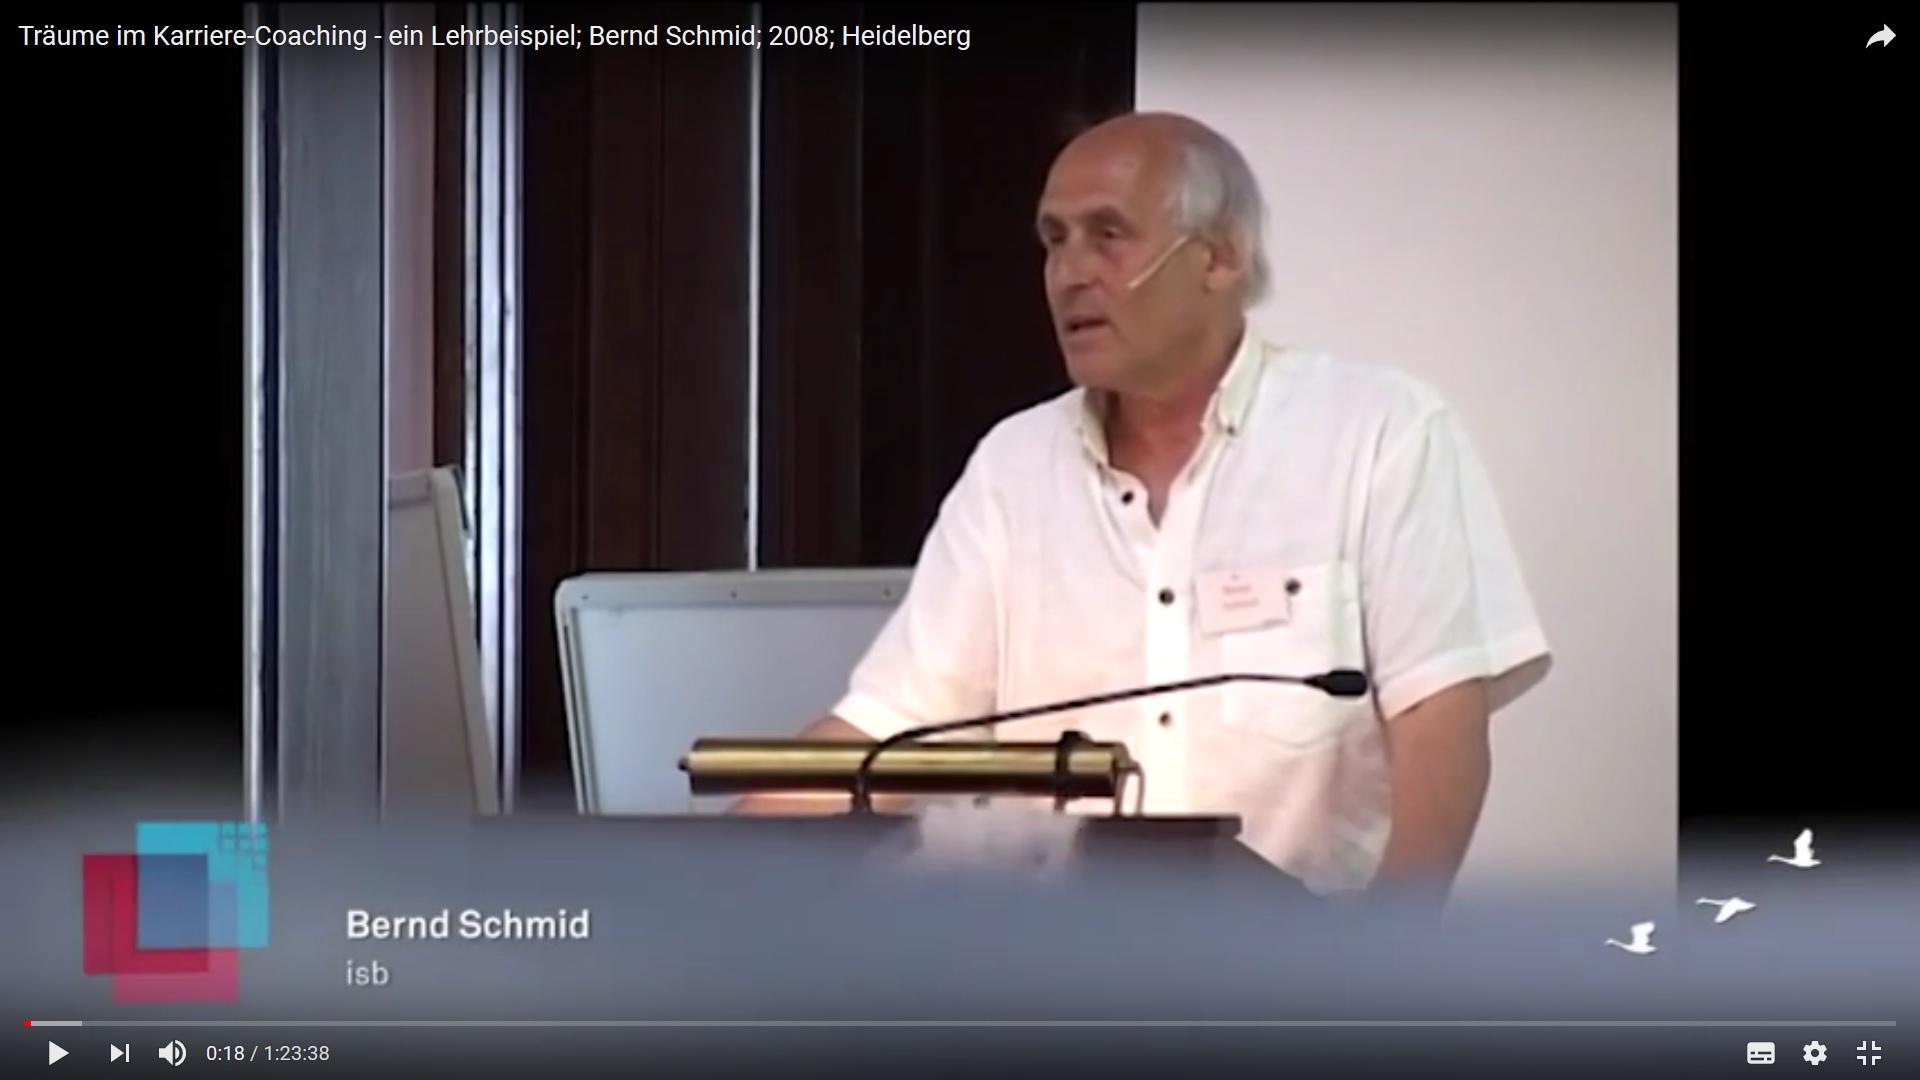 Träume im Karrierecoaching - ein Lehrbeispiel von Bernd Schmid